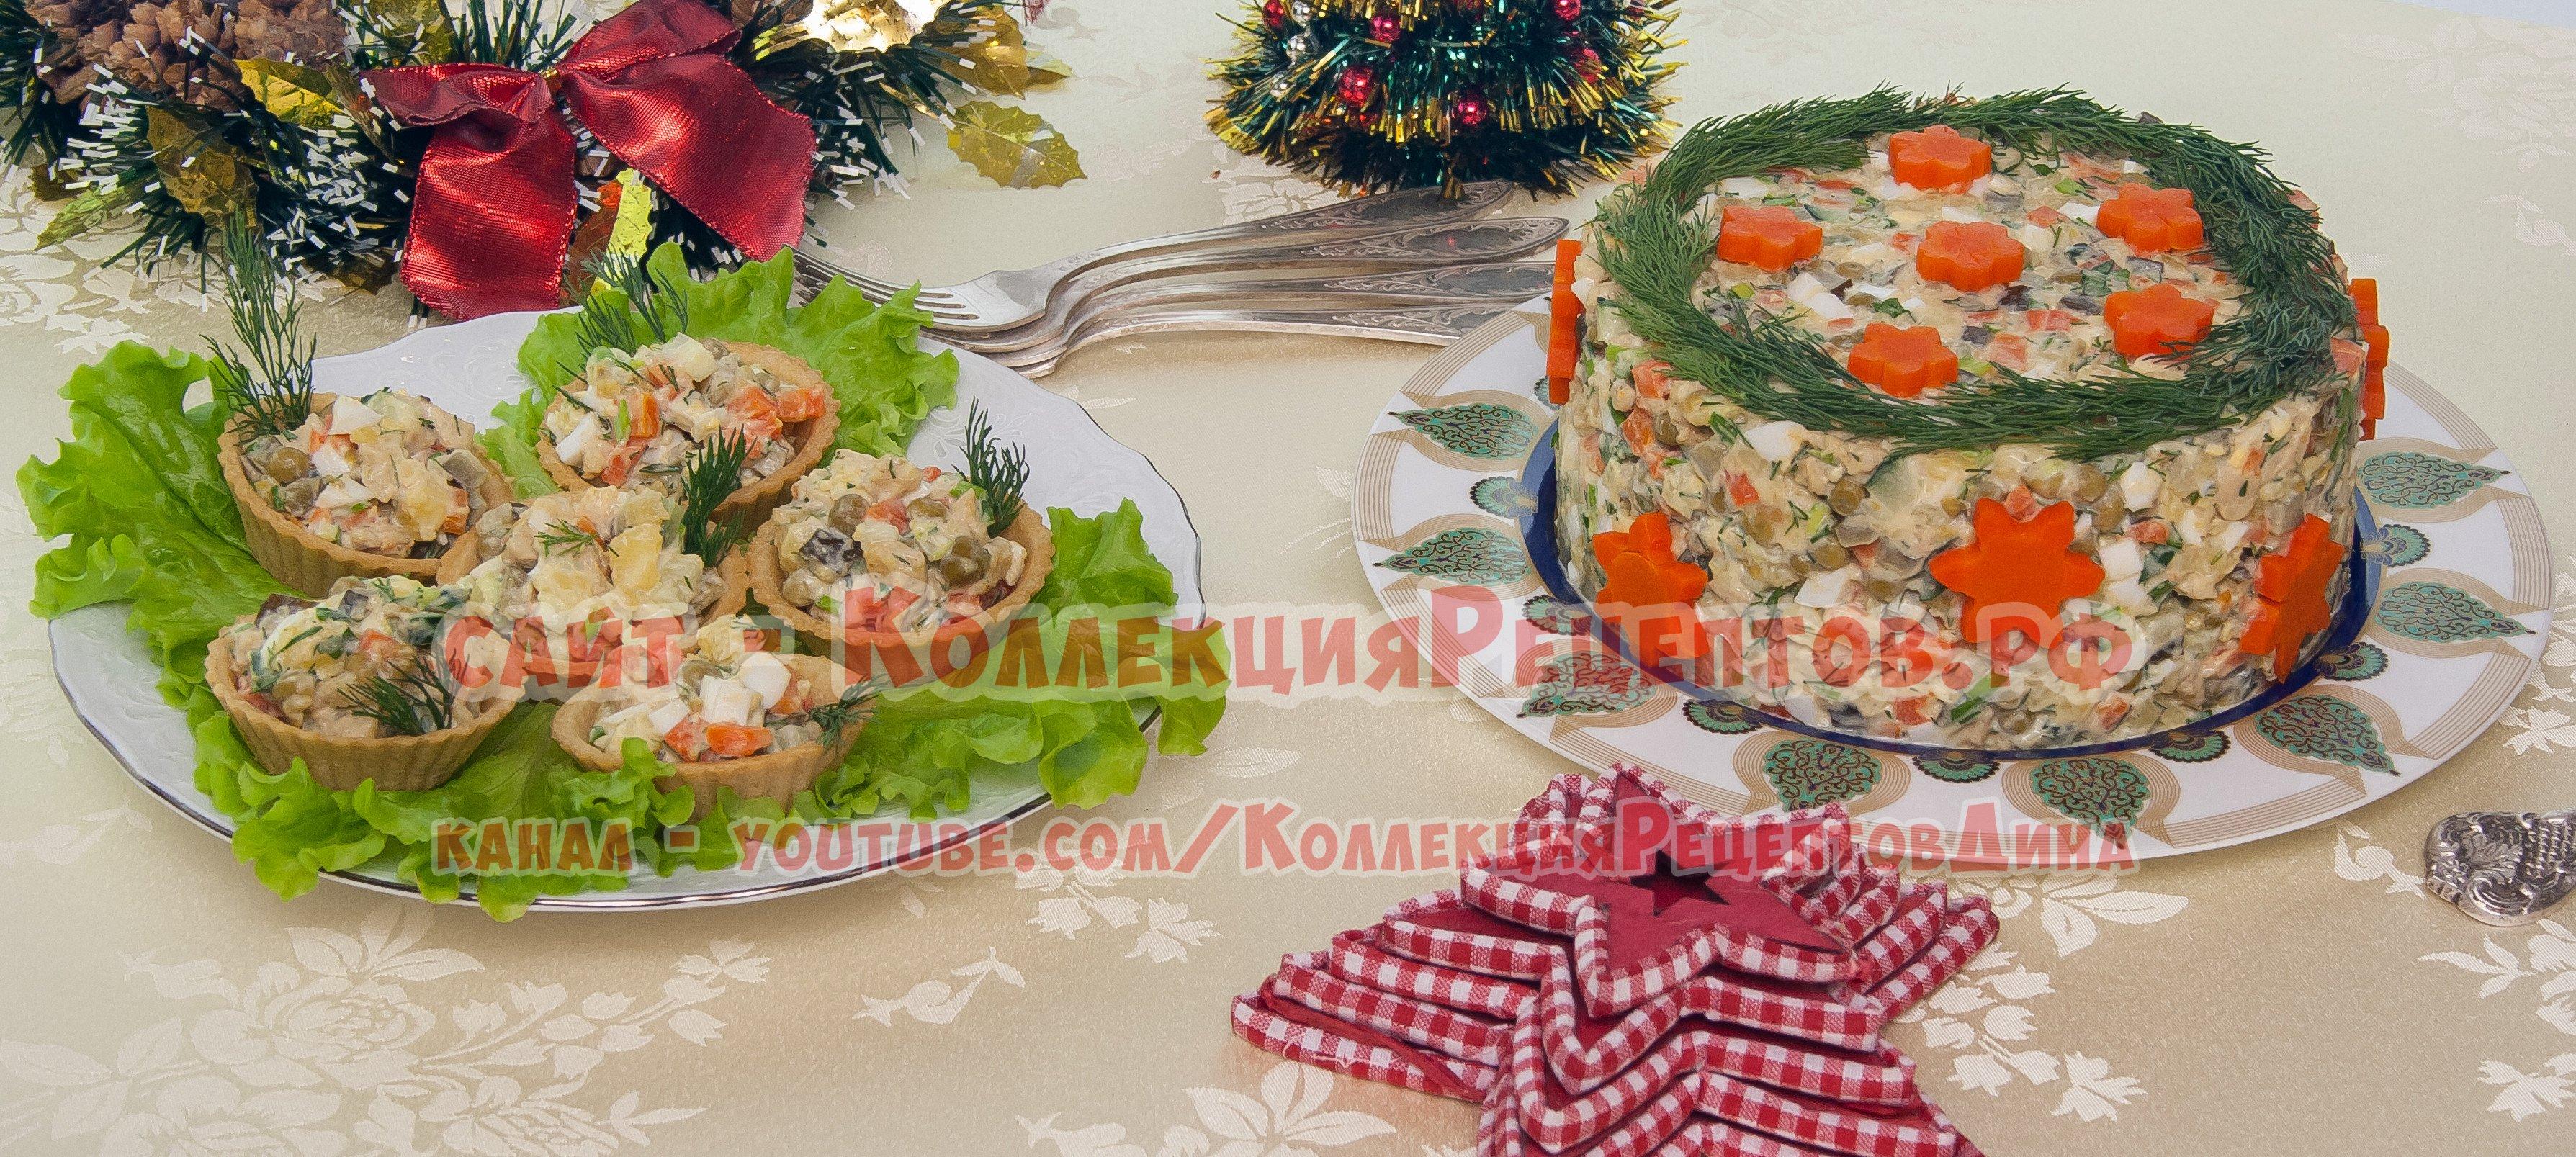 Рецепты оливье с куриной грудкой рецепт пошагово